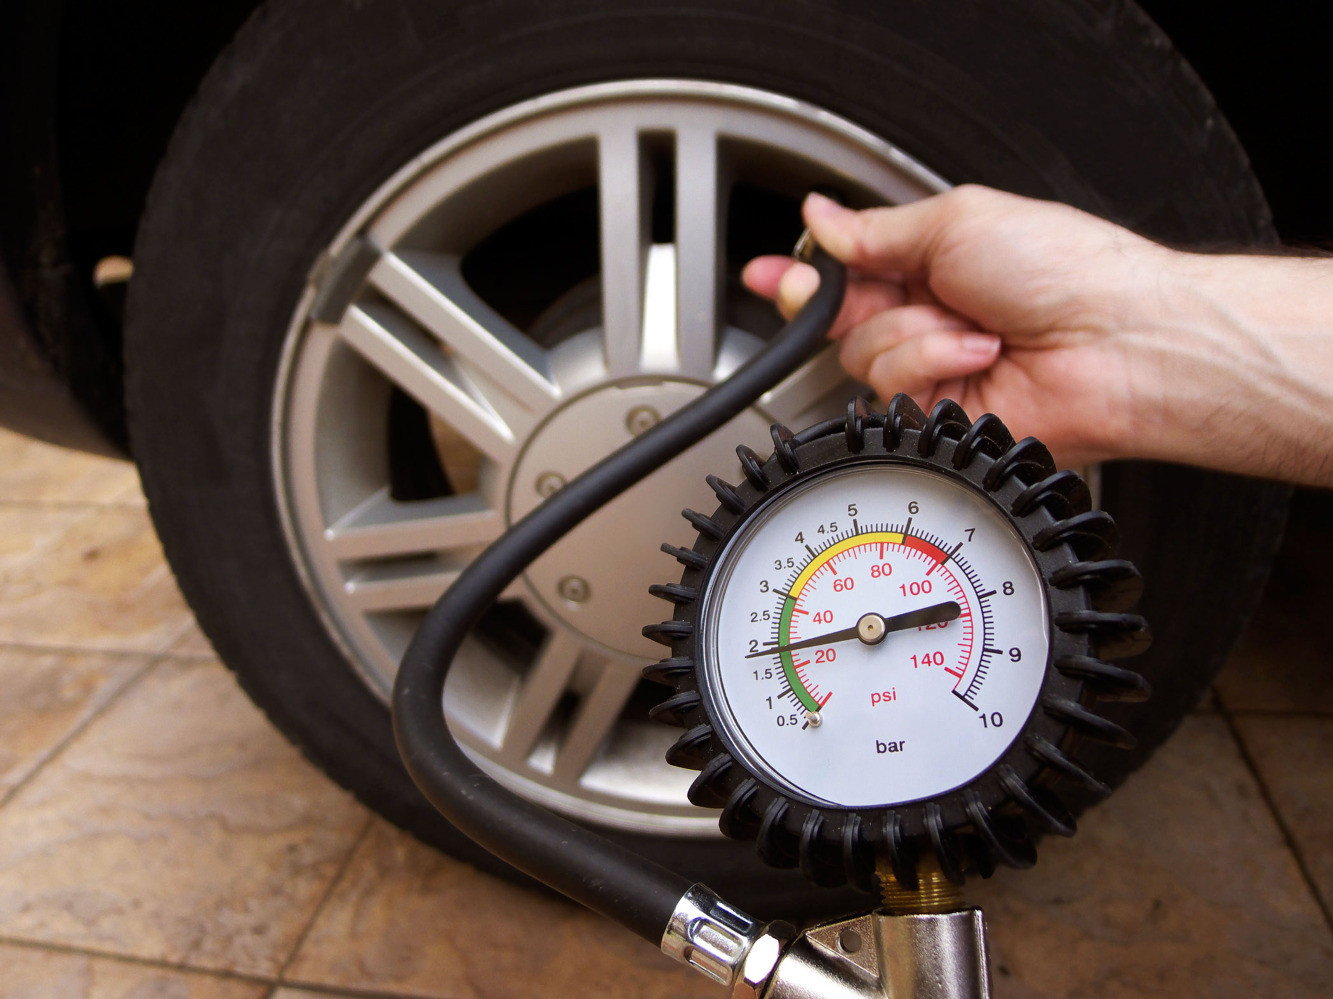 9 dụng cụ cứu cánh khi xe bạn có vấn đề